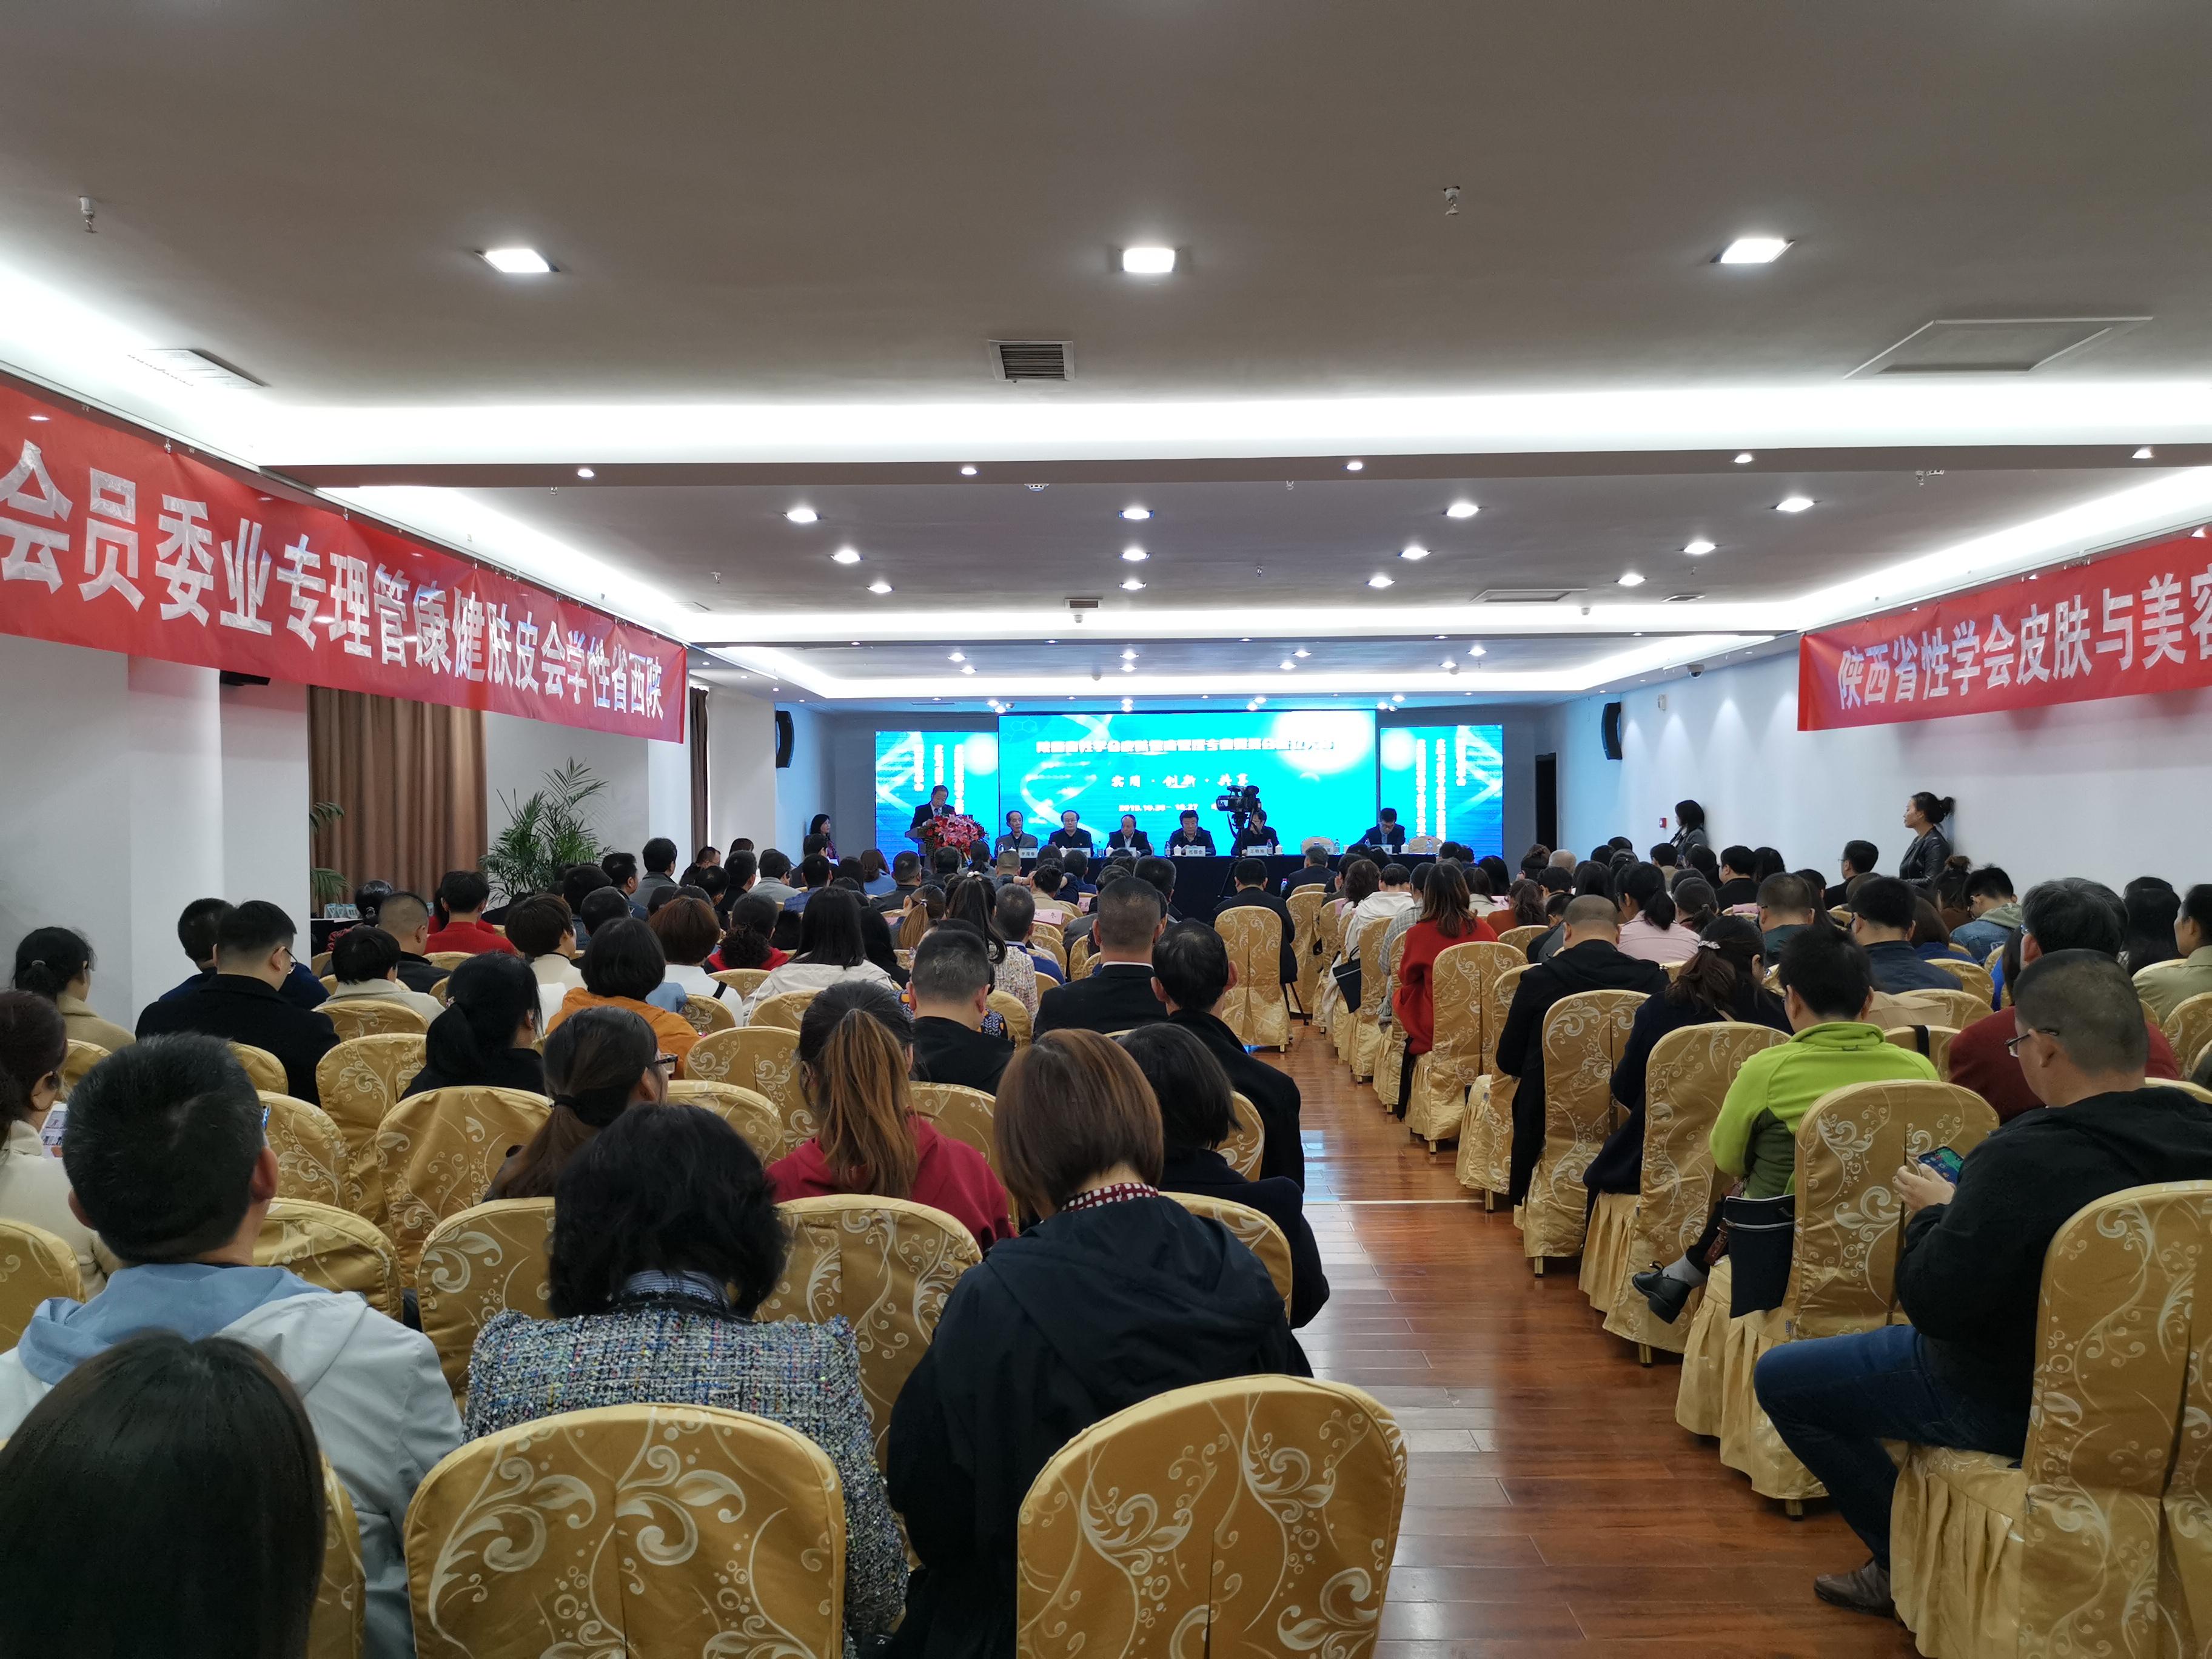 http://www.xaxlfz.com/xianjingji/66578.html